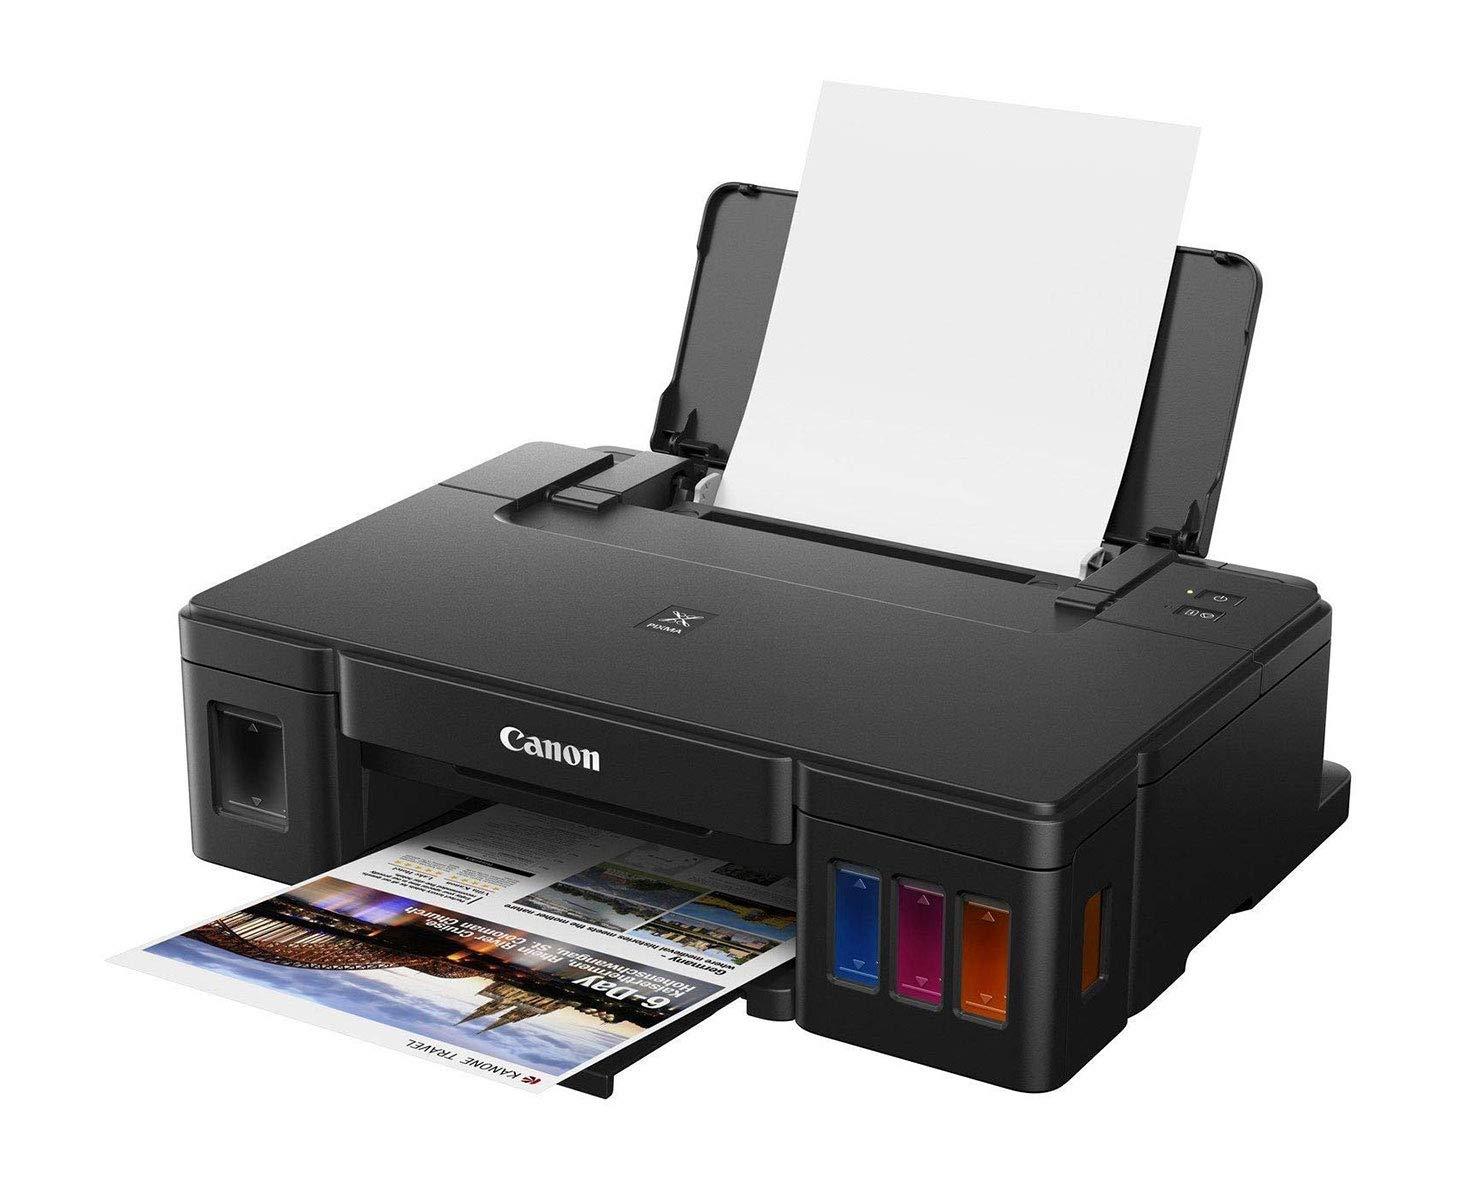 Máy in phun đa chức năng Canon pixma G3010 chuyên nghiệp tại toannhan.com